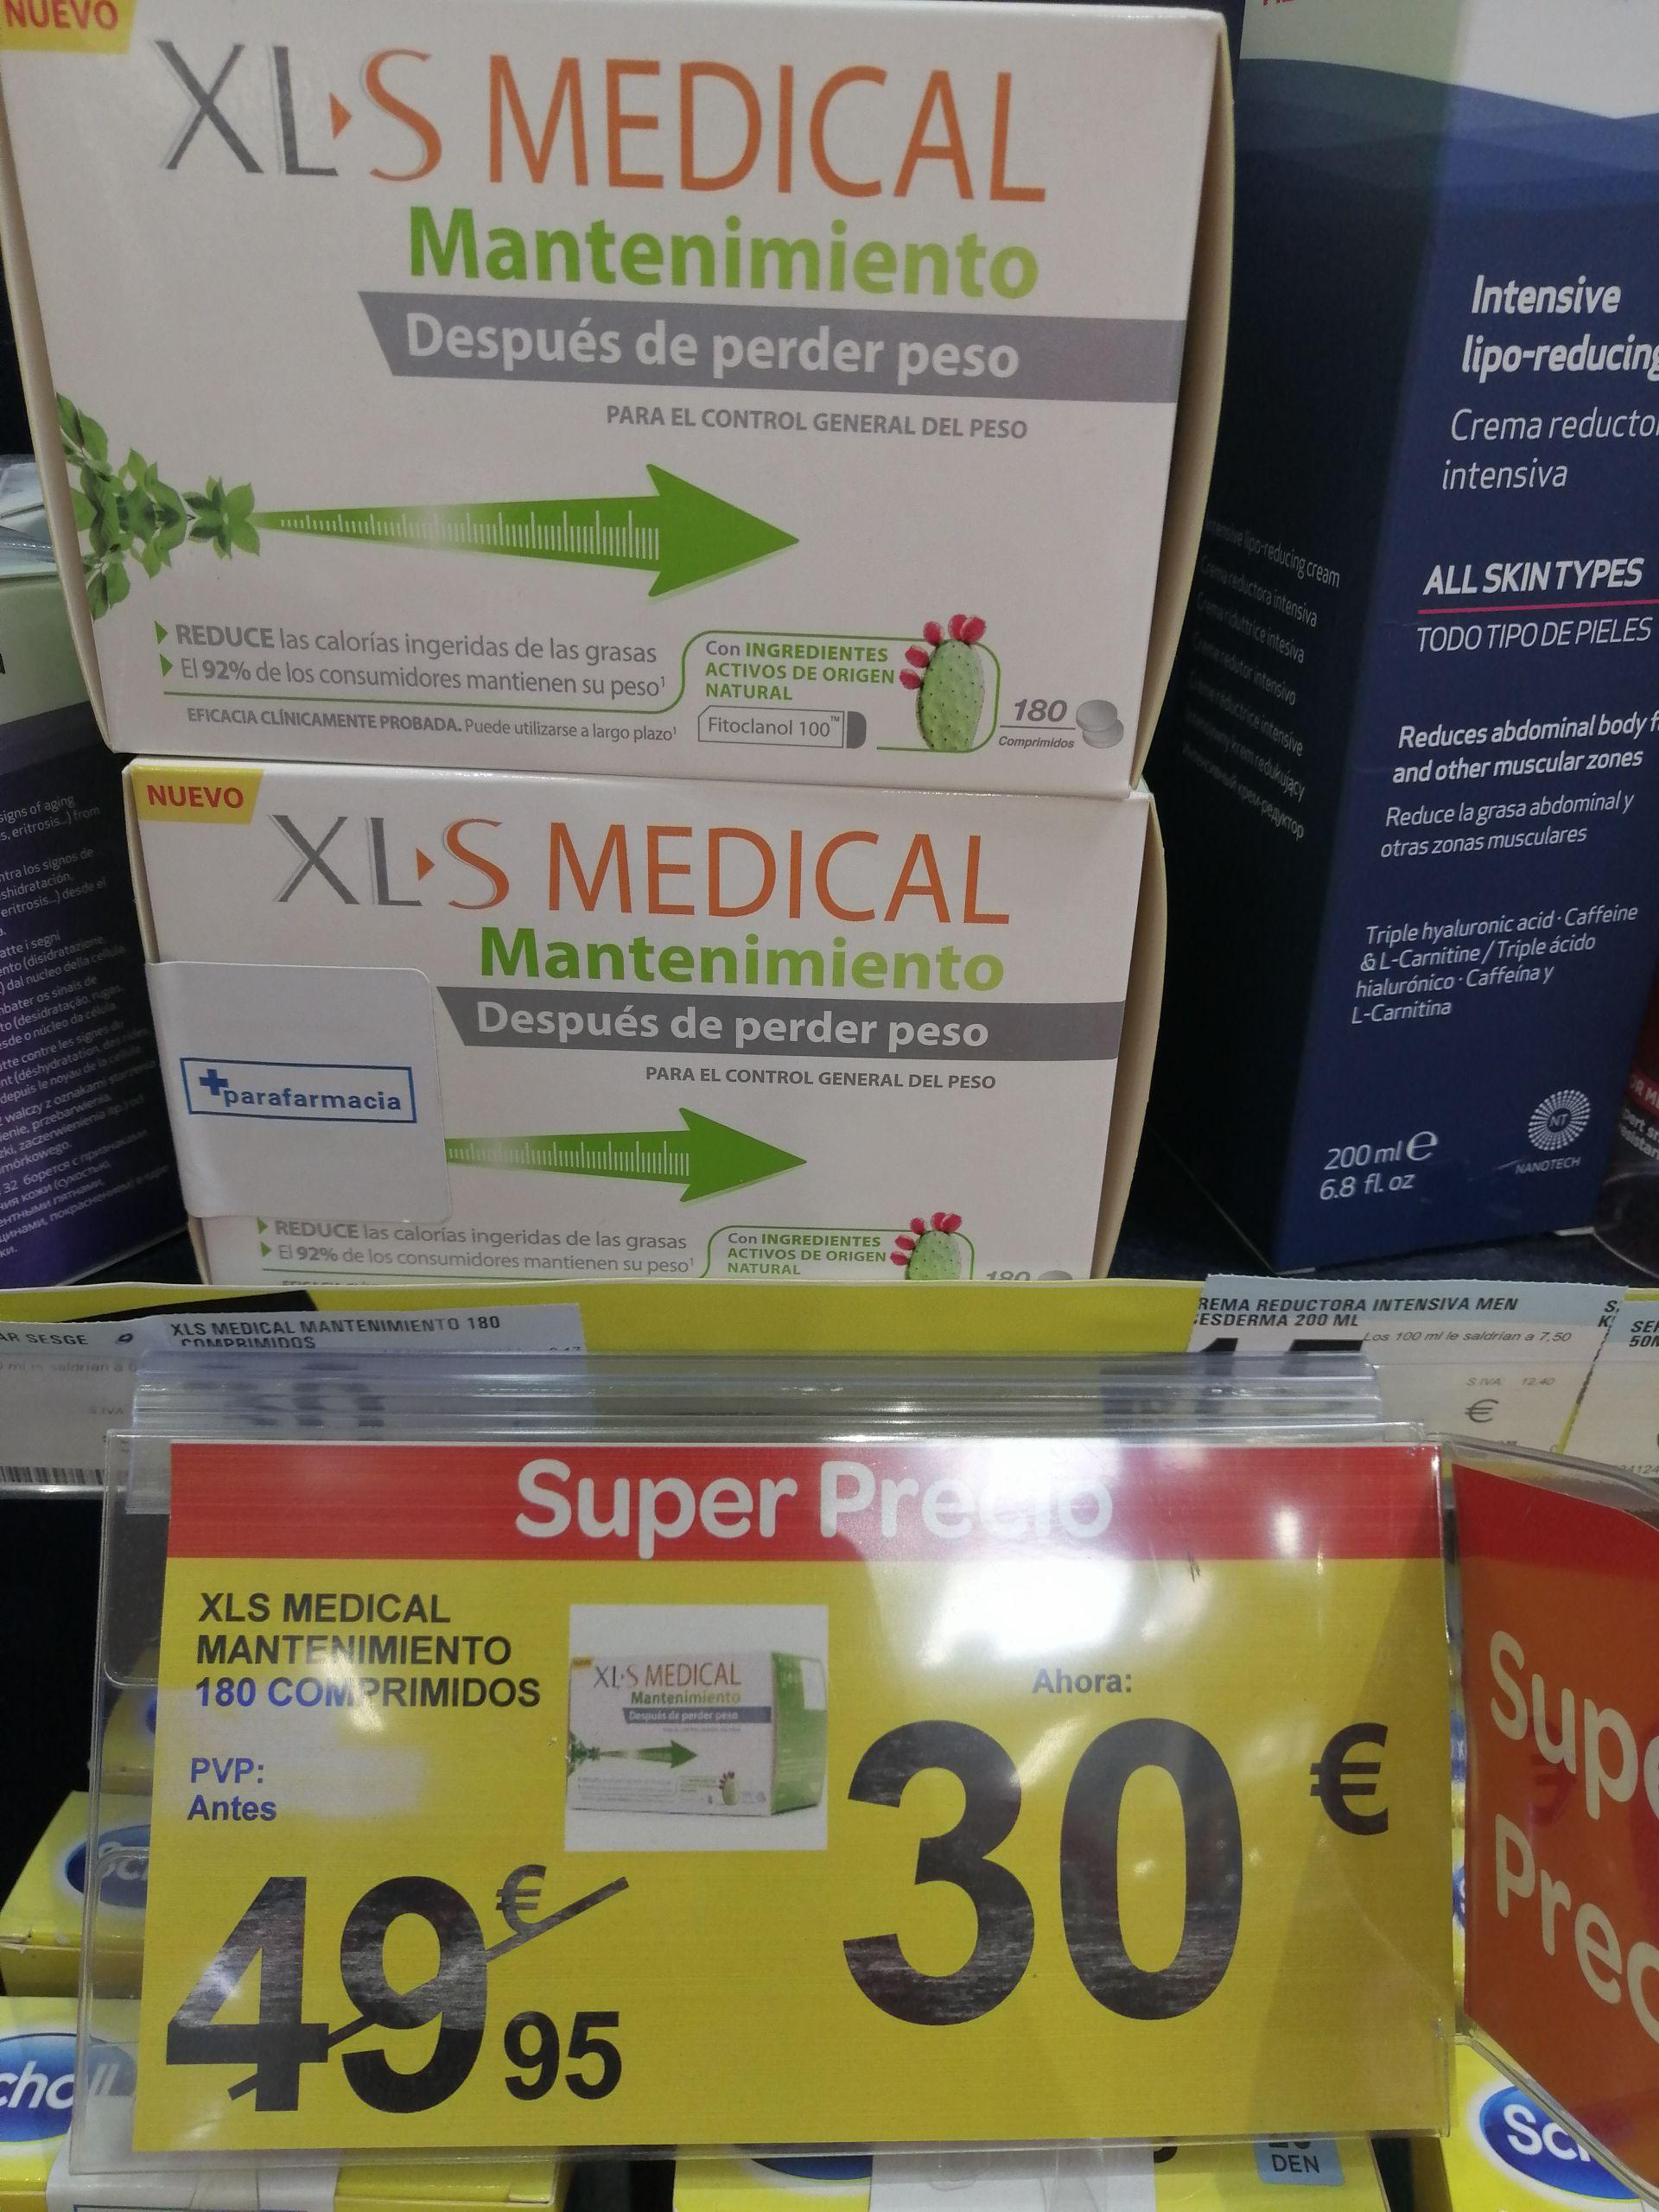 XL-S sigue manteniendo tu peso fácilmente con este chollo en Carrefour Almería